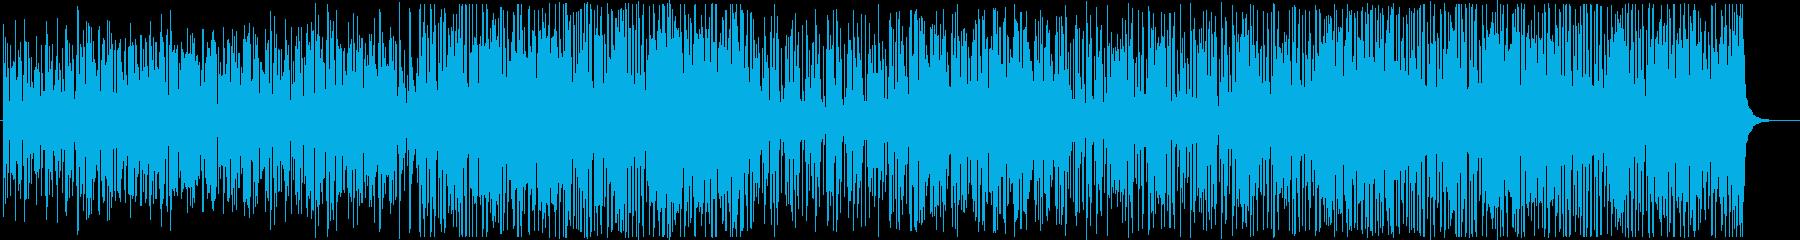 ハッピーでポジティブなウクレレポップ♪の再生済みの波形